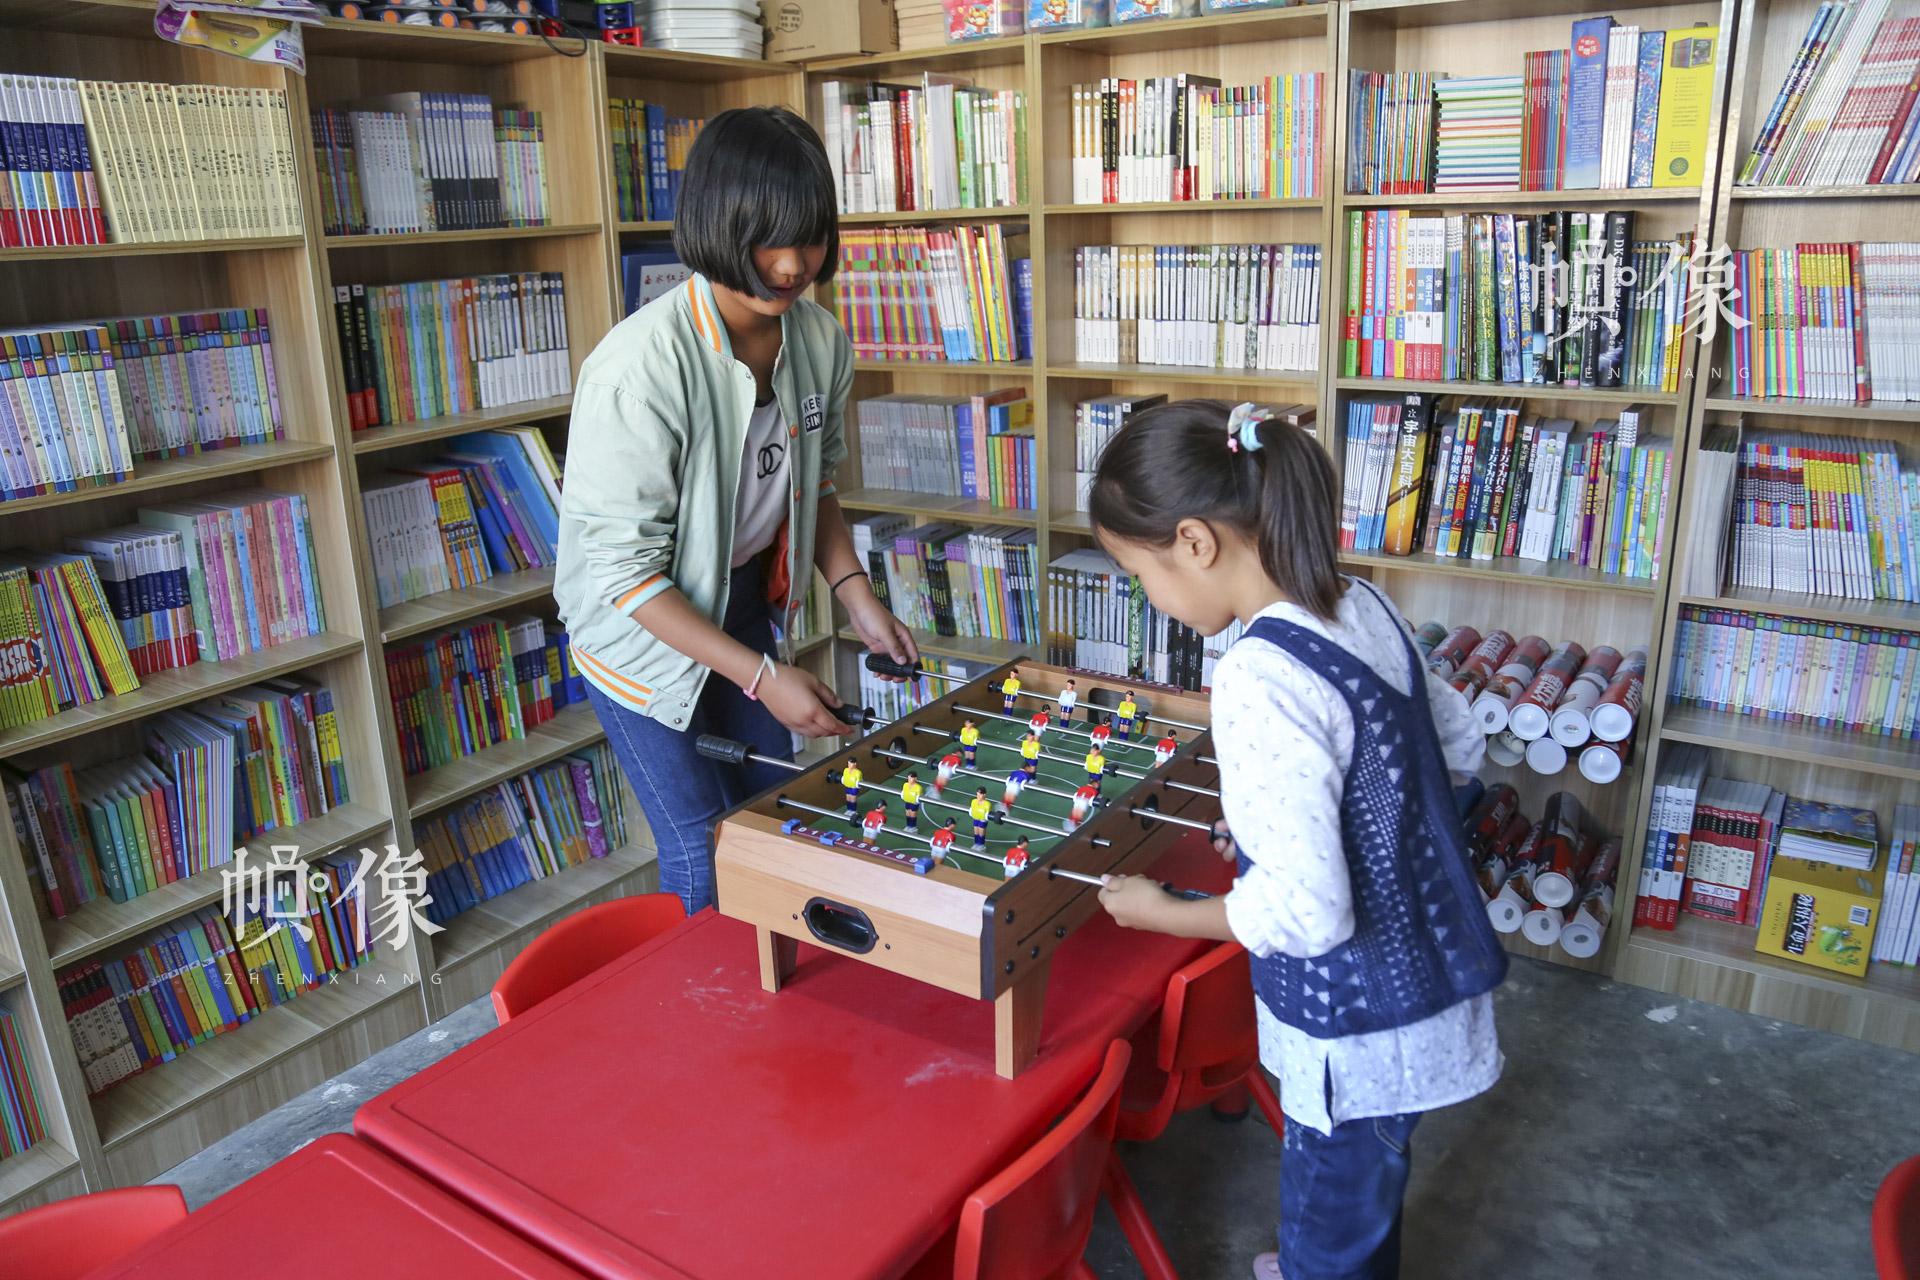 """肖欢欢和金子涵在儿童快乐家园玩桌游。""""这里有很多的图书,还有很多的玩具,每天都有很多的小朋友来这里玩,我就感到非常的开心、欢乐。""""肖欢欢说。中国网记者 黄富友 摄"""